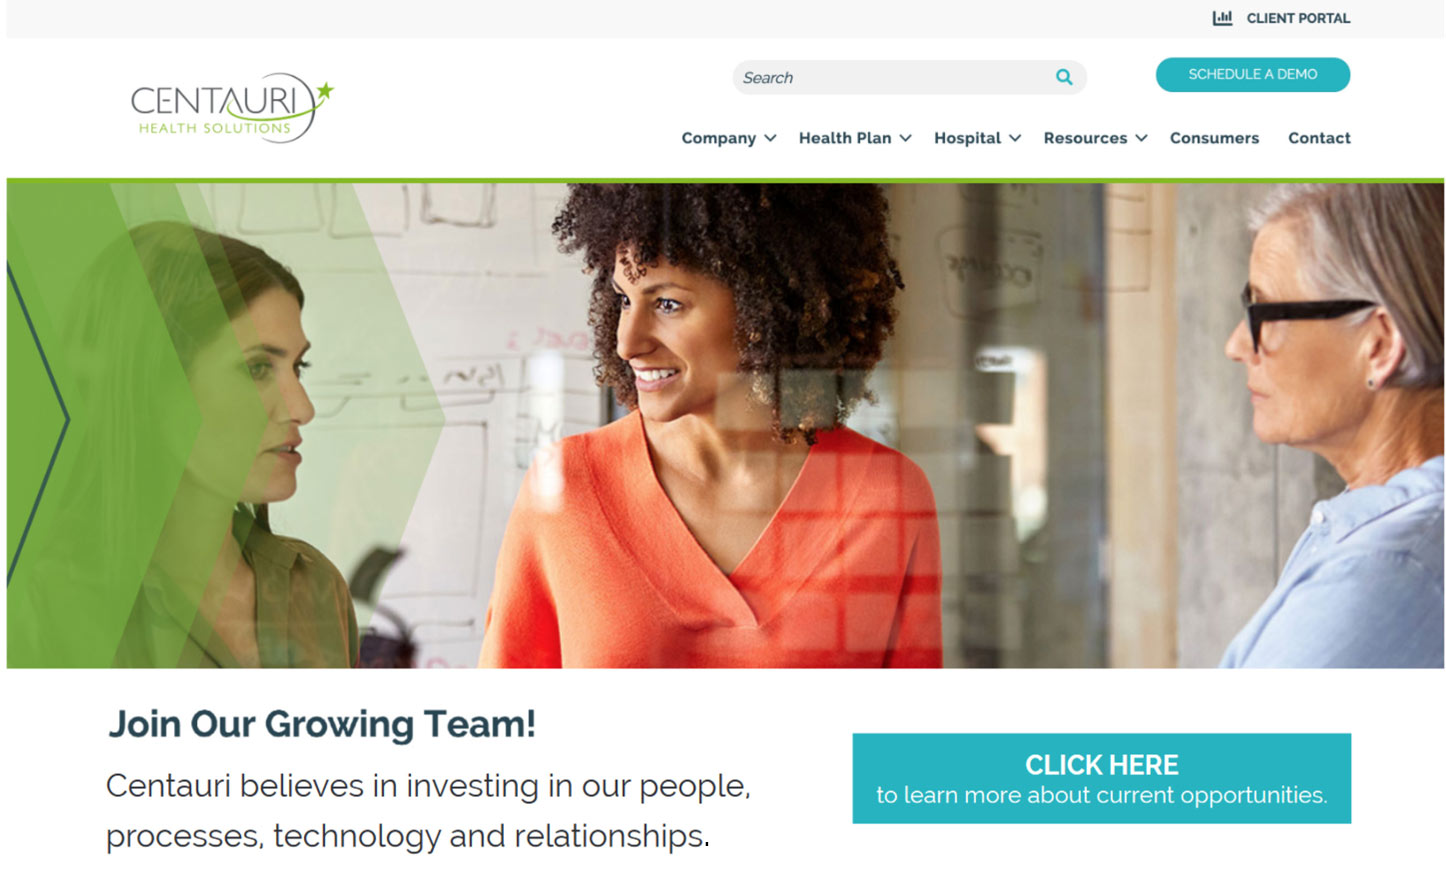 Health Care Provider Web Design